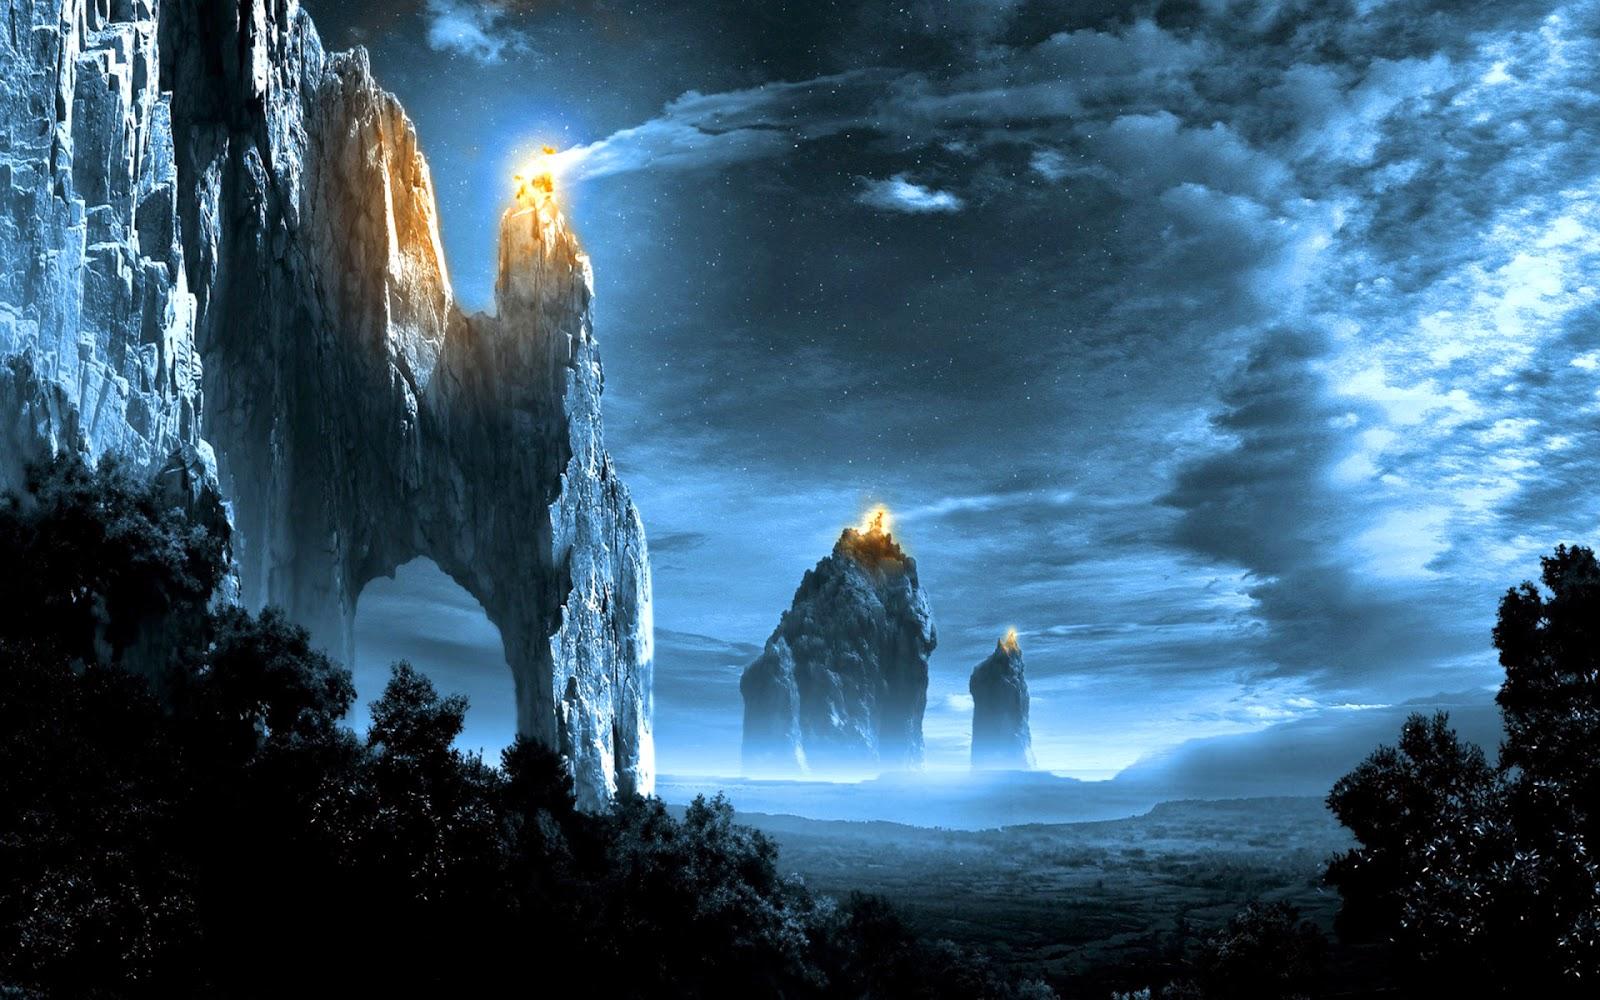 il rifugio degli elfi intervallo a base di paesaggi fantasy